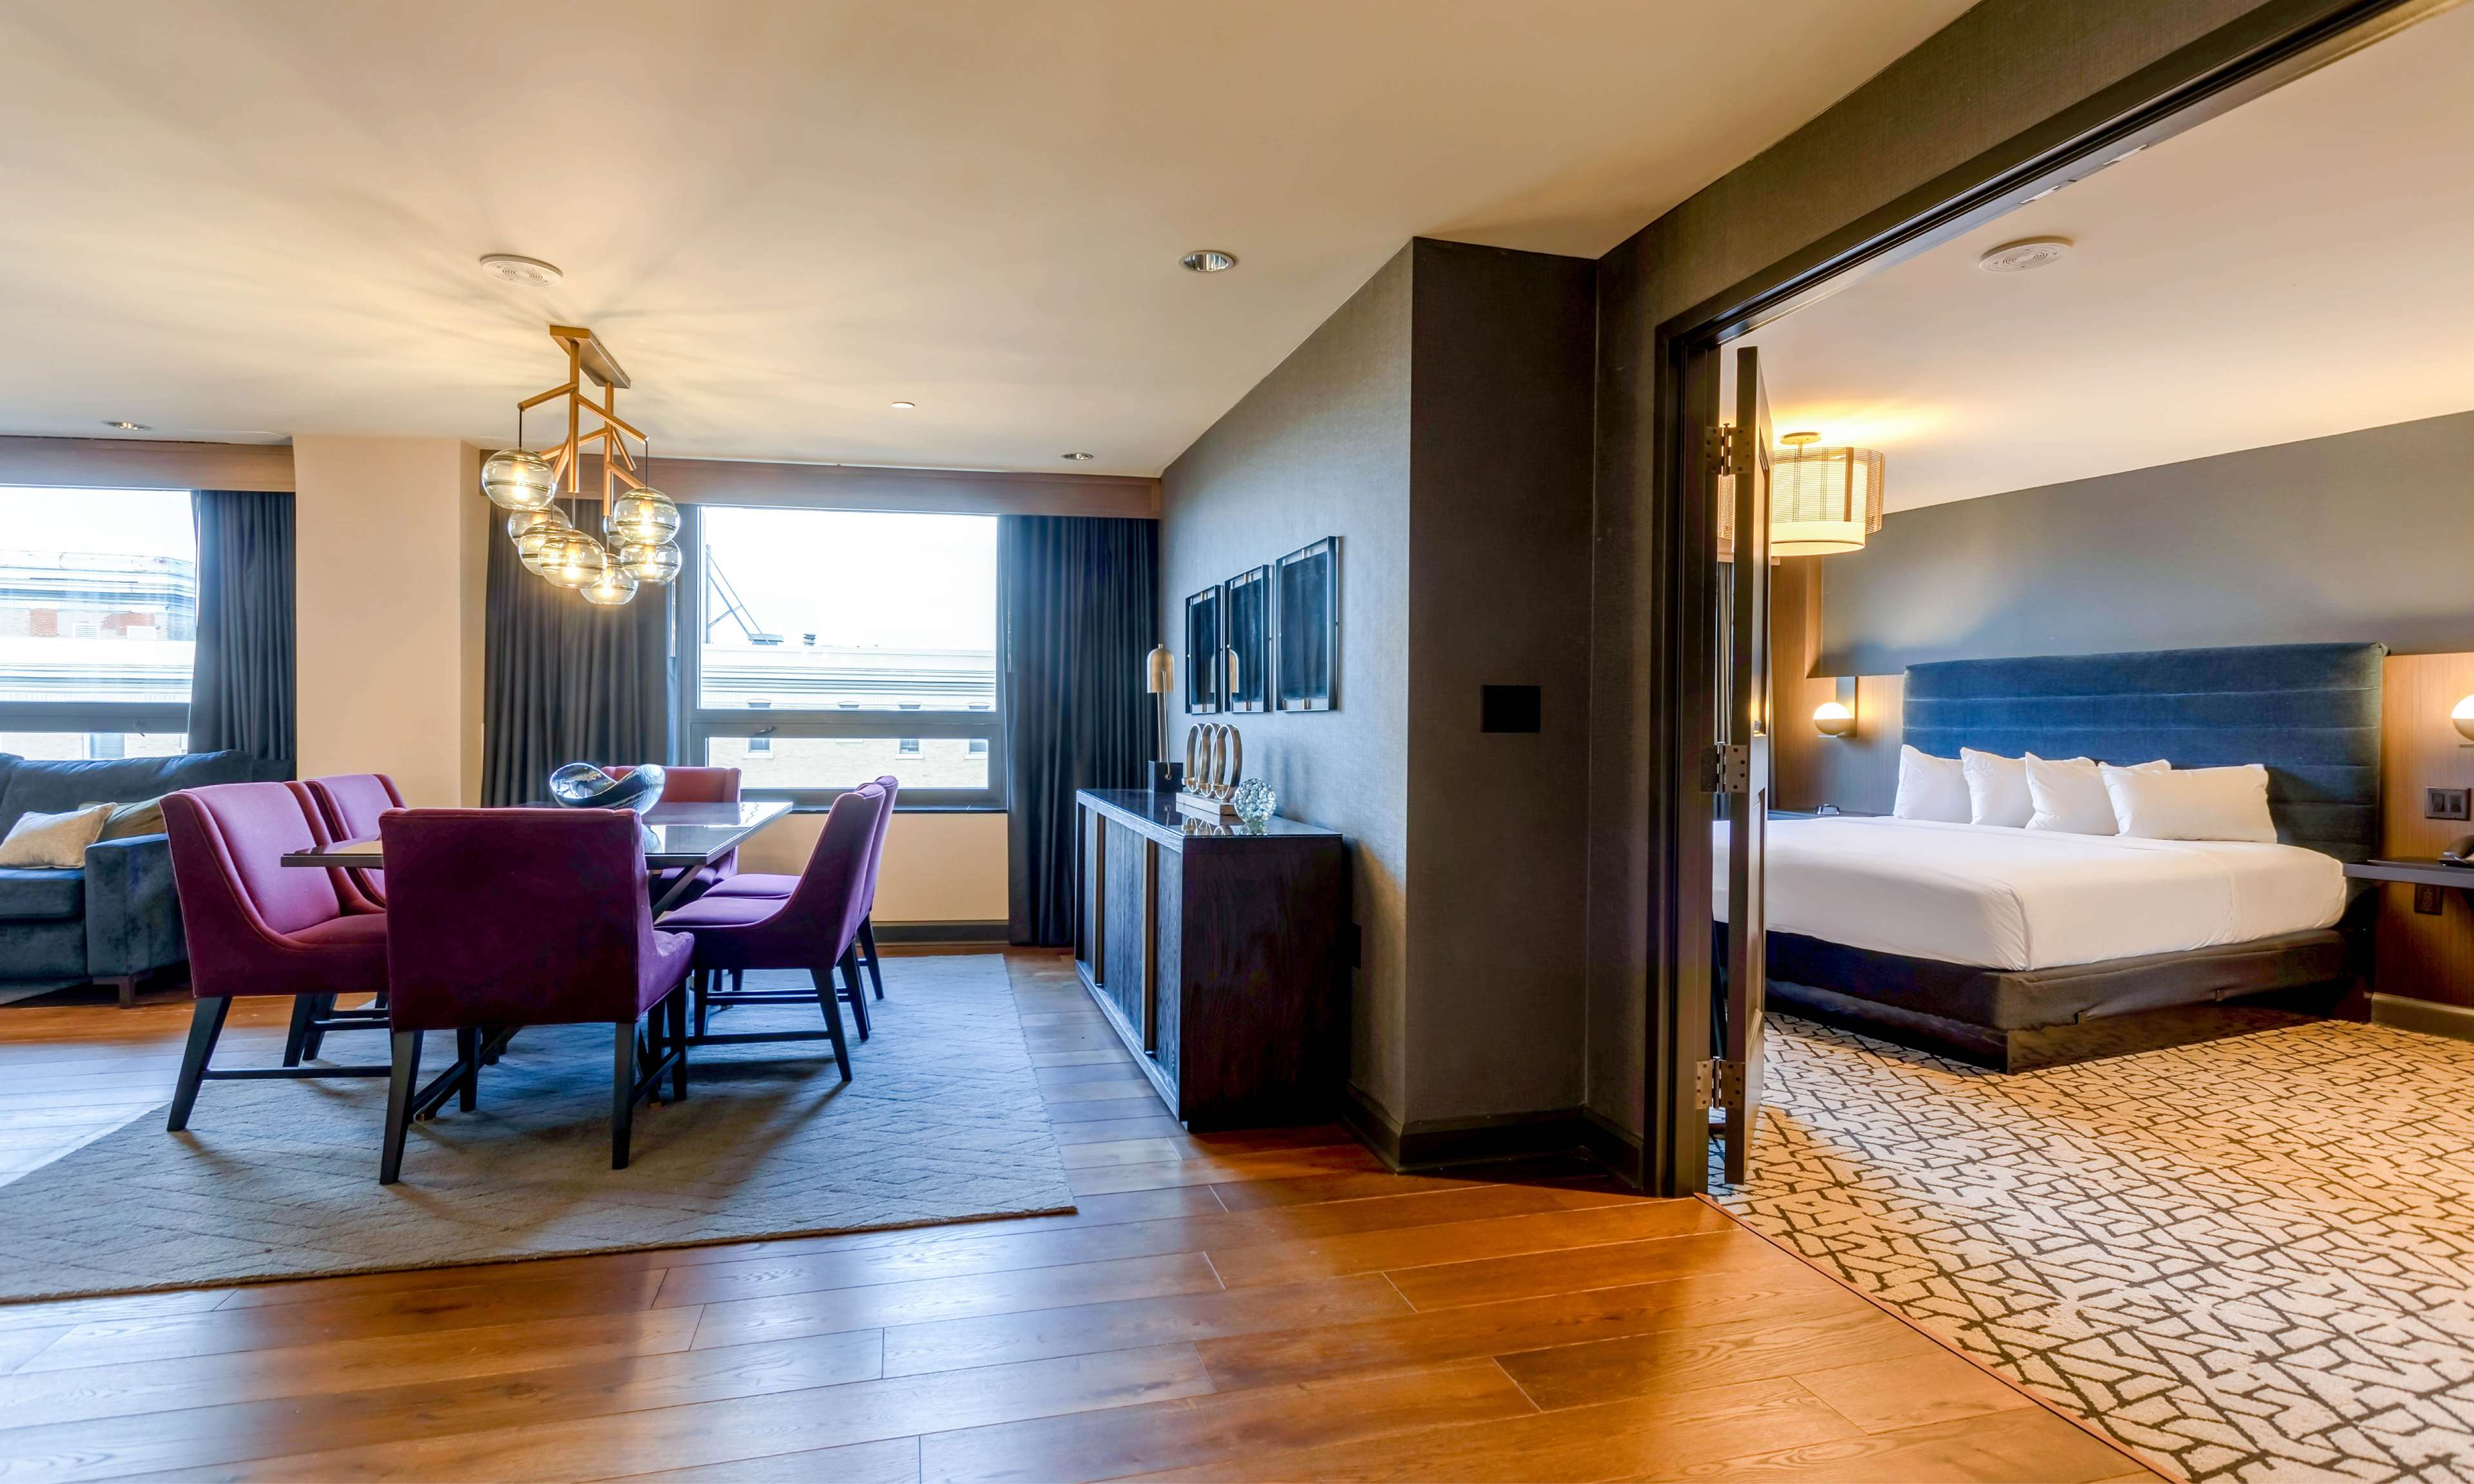 Washington Hilton image 23